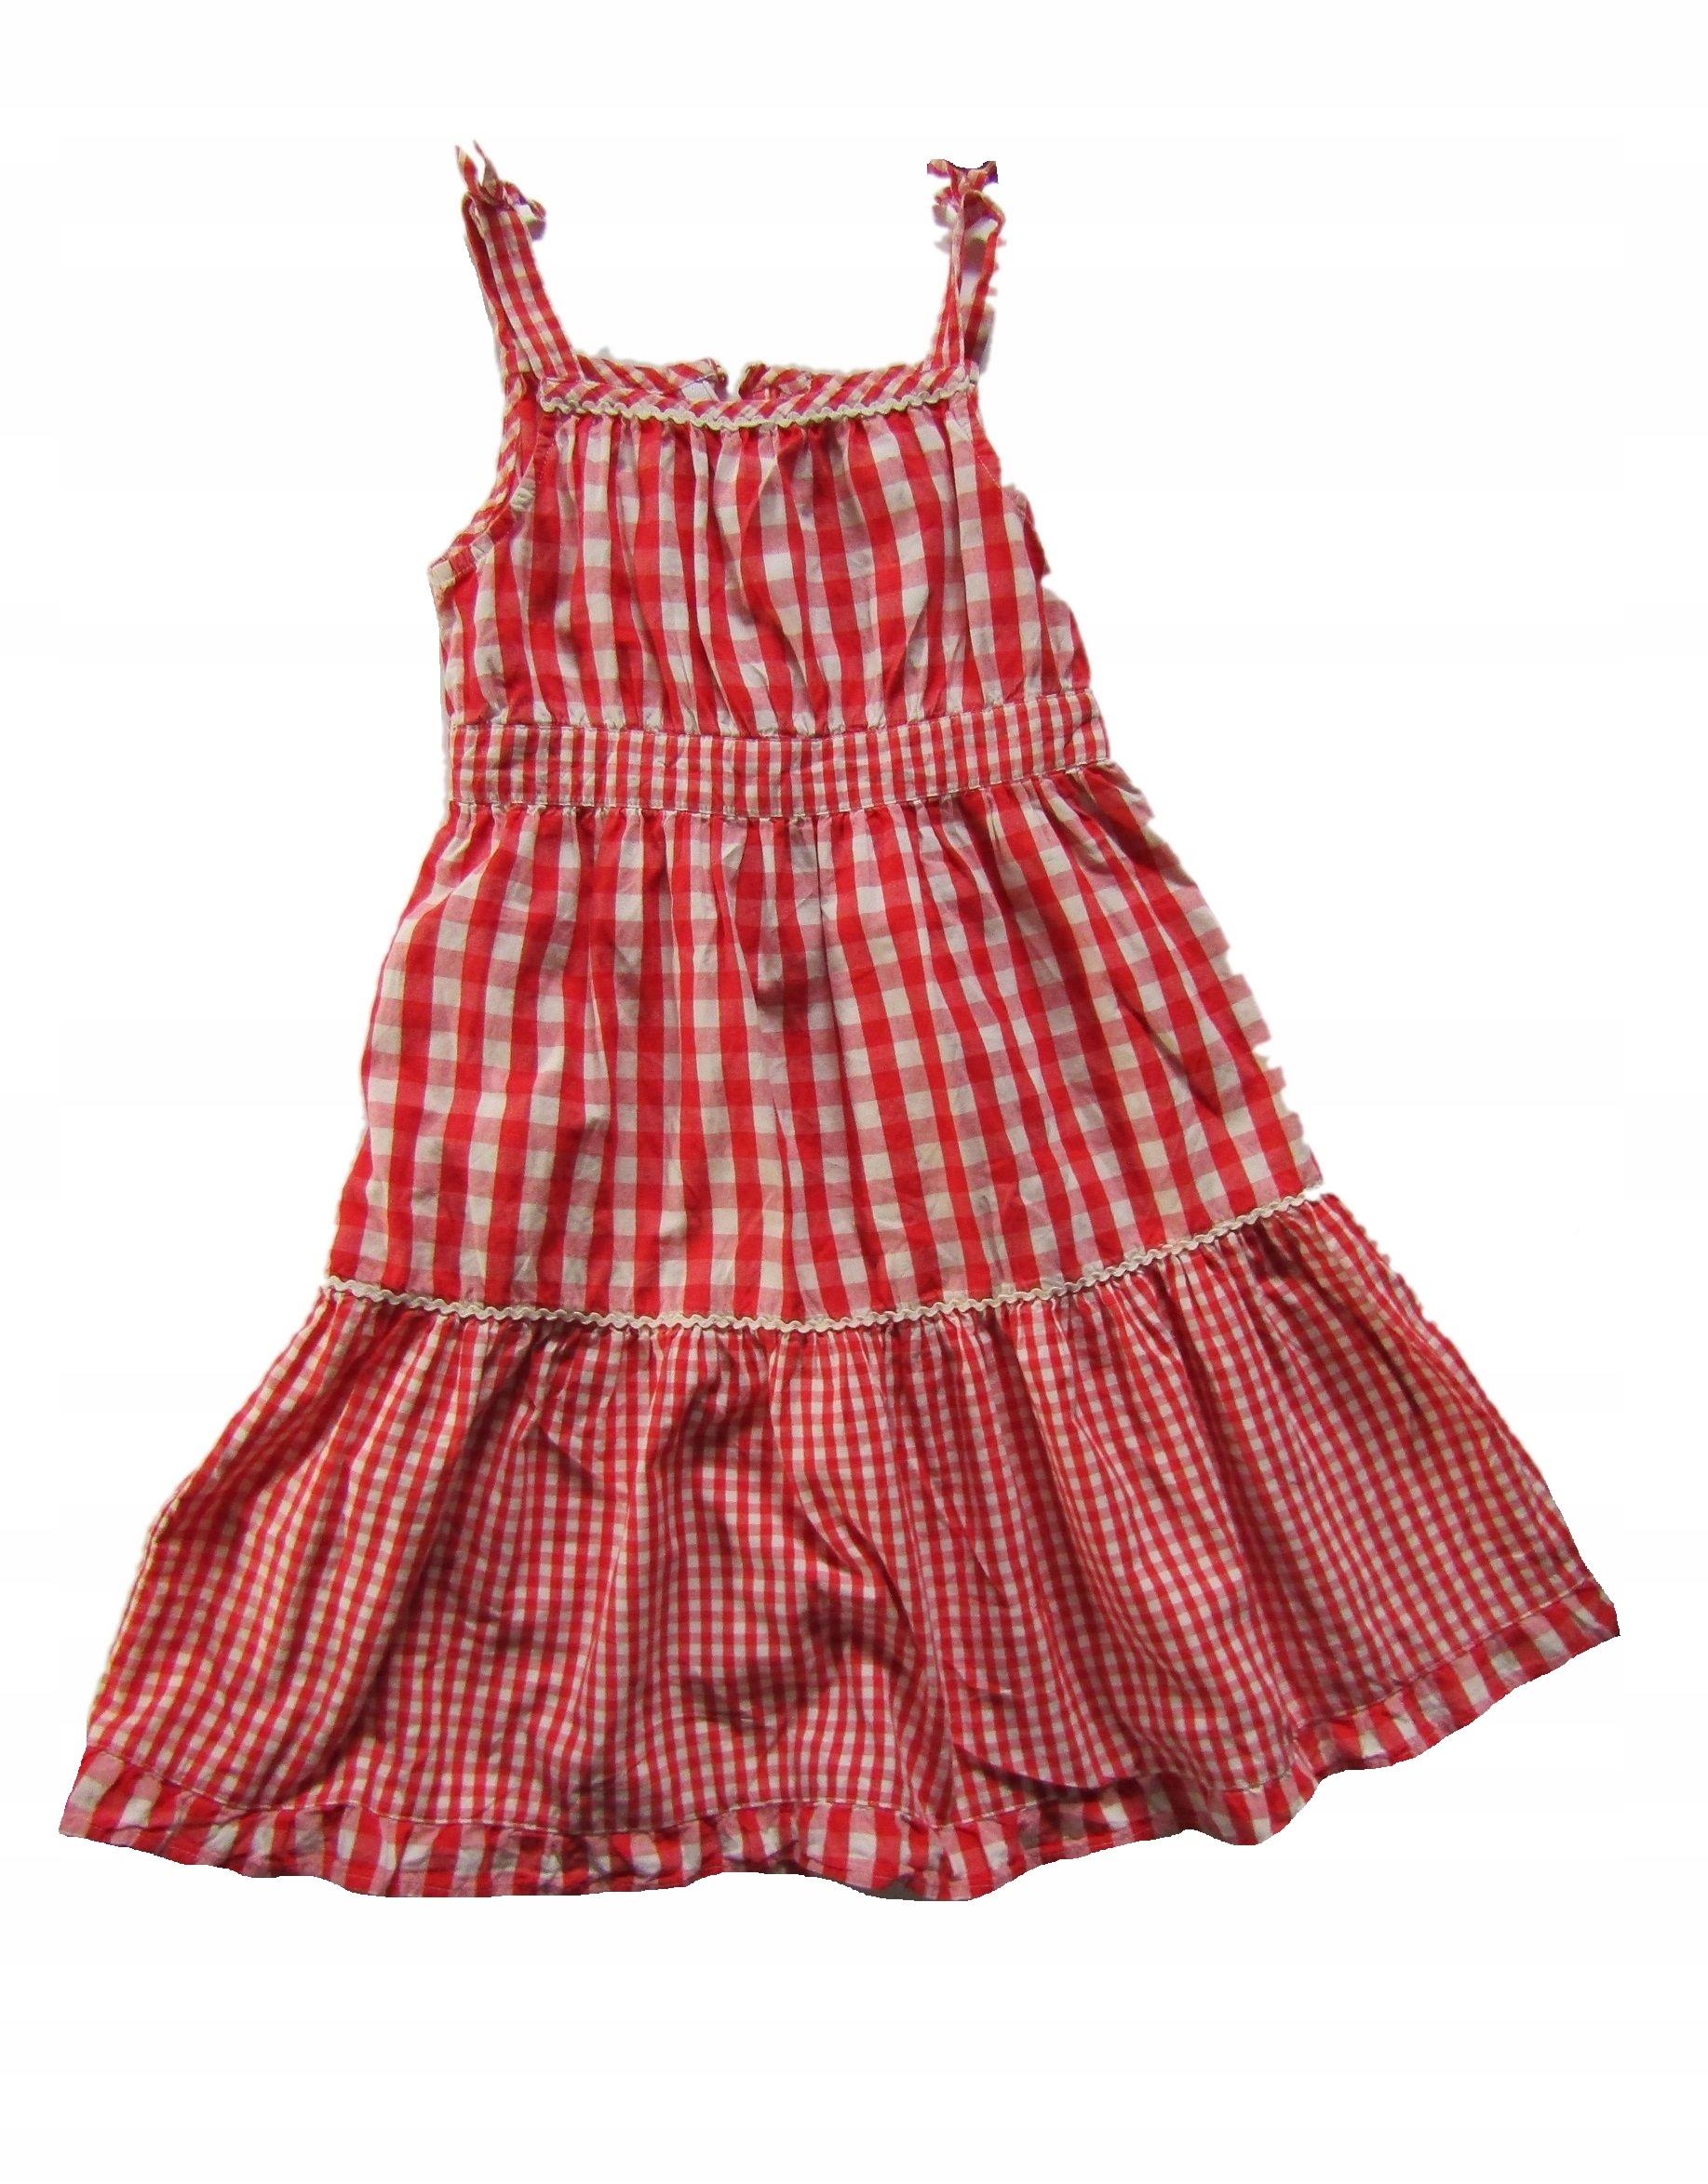 672abde844 H M sukienka w kratę 128 cm 7 8 lat - 7475005898 - oficjalne ...